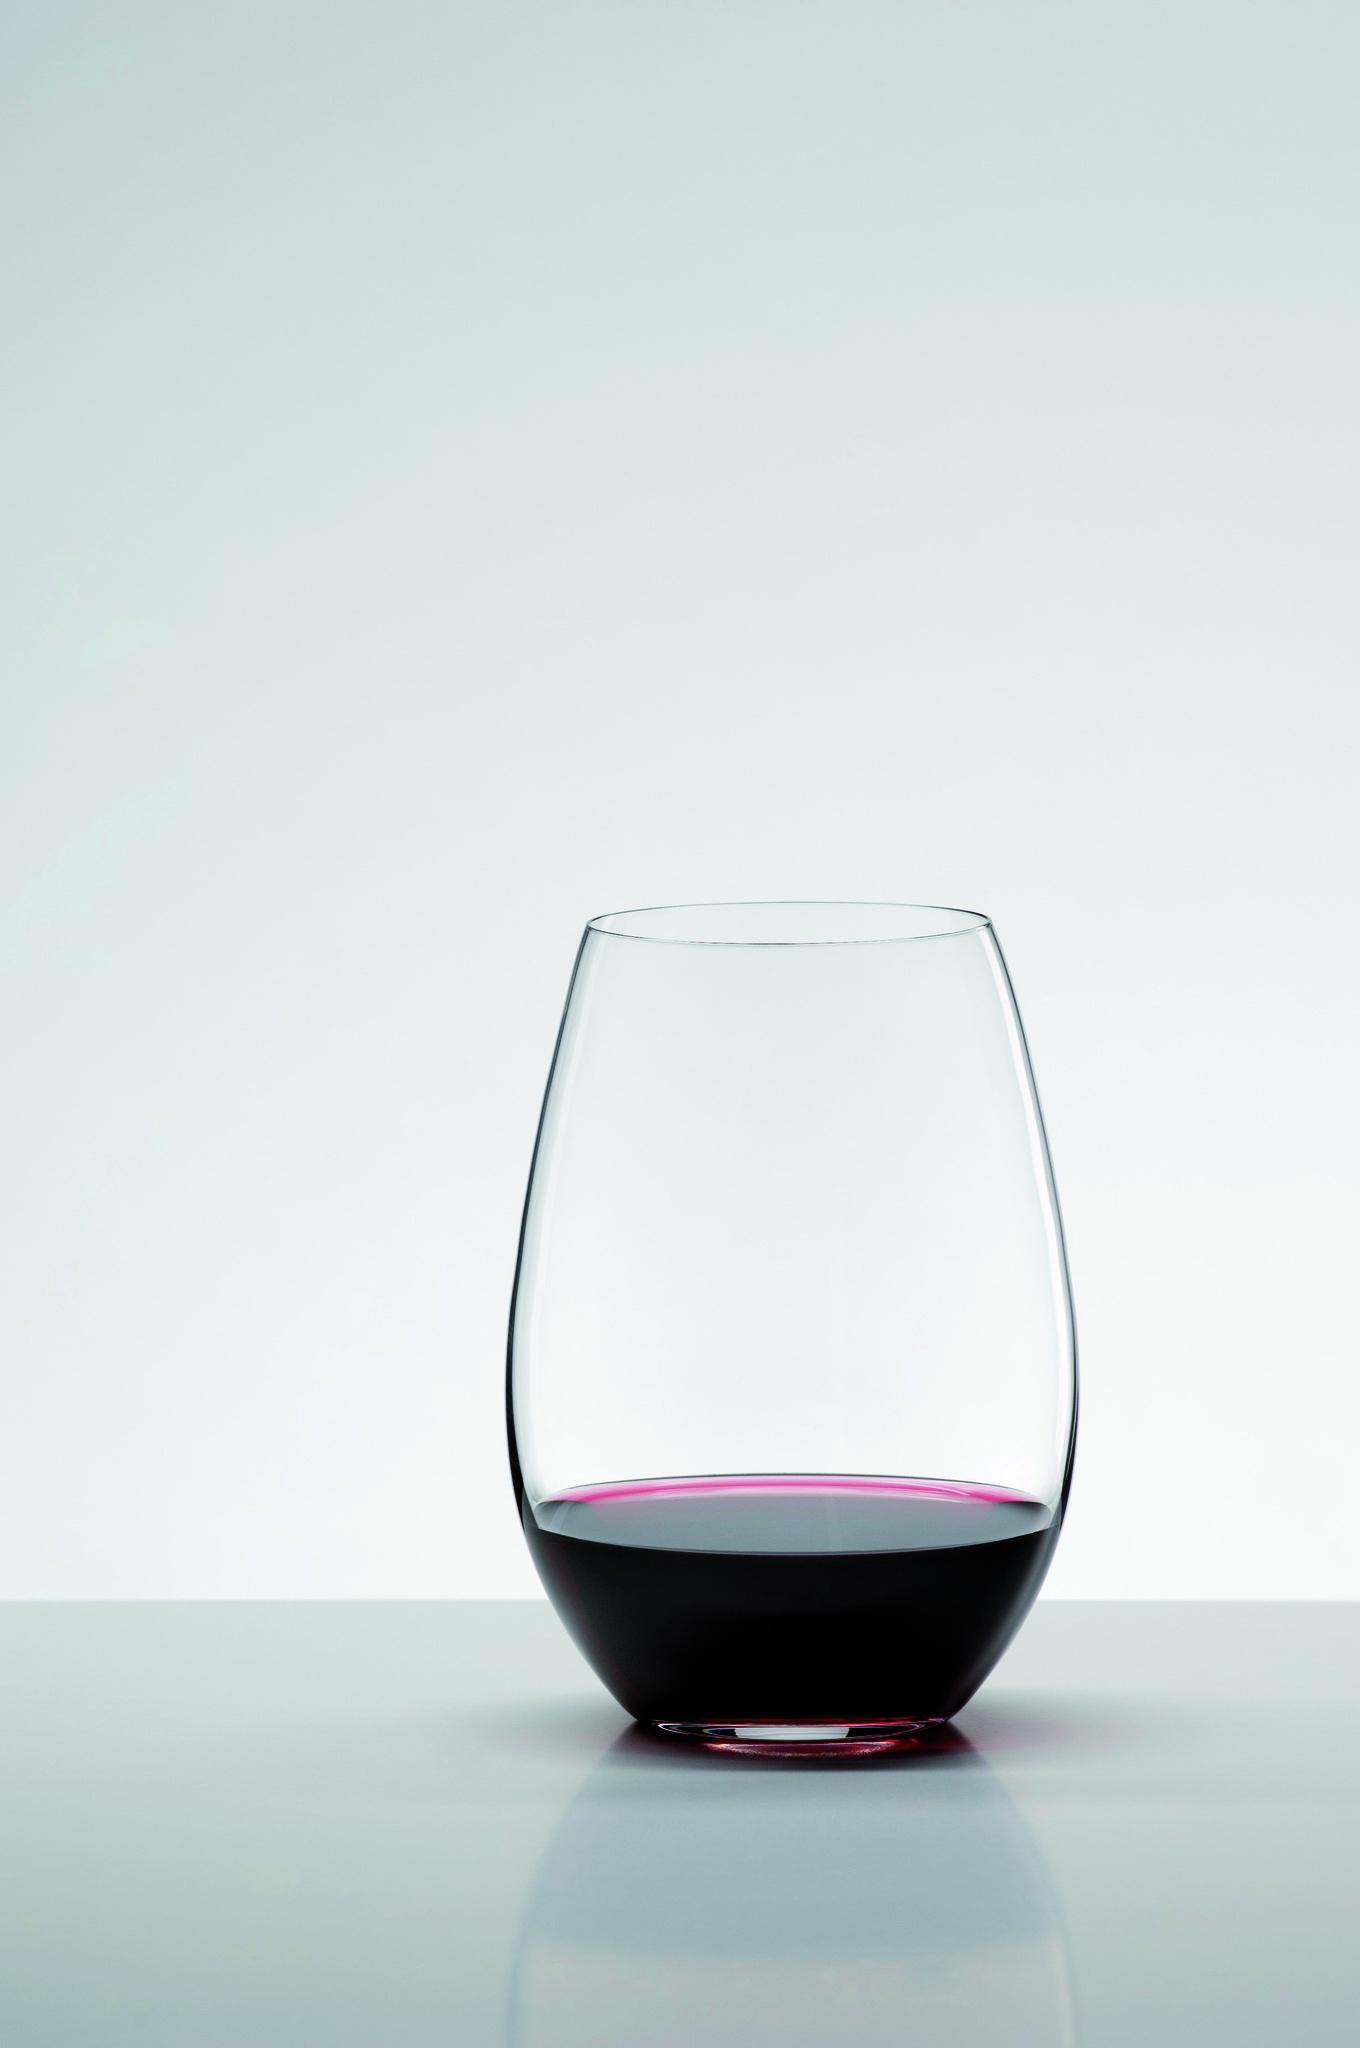 Бокалы Набор бокалов для красного вина 2шт 620мл Riedel The O Wine Tumbler Syrah/Shiraz nabor-bokalov-dlya-krasnogo-vina-2-sht-620-ml-riedel-the-o-wine-tumbler-syrahshiraz-avstriya-fot.jpg